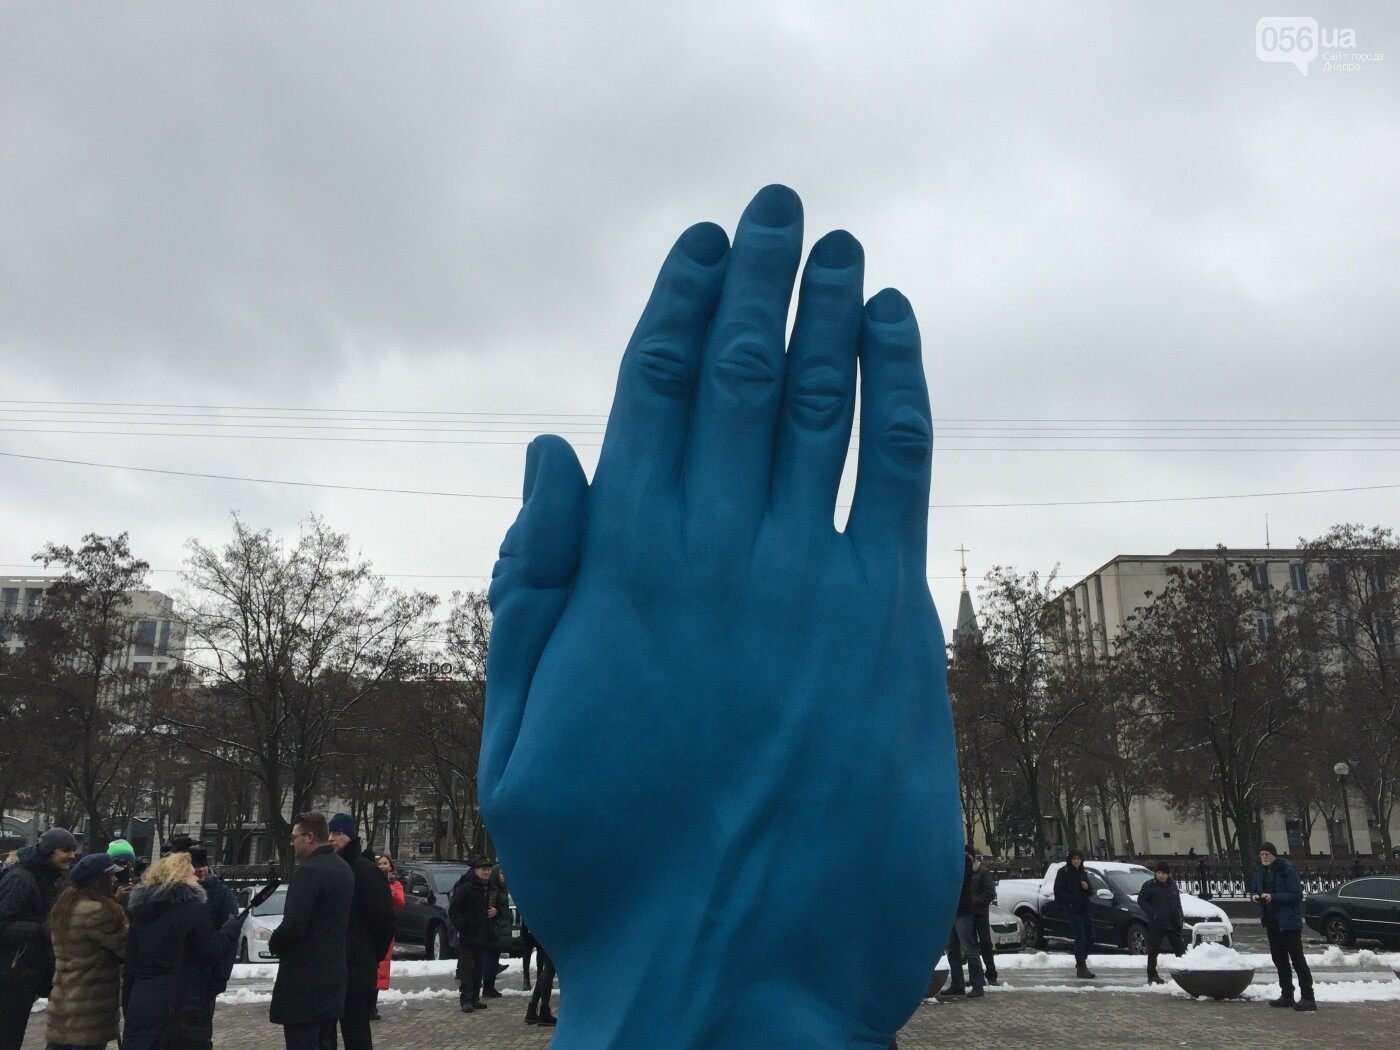 В центре Днепра появилась гигантская синяя рука: что значит этот арт-объект, - ФОТО, ВИДЕО, фото-10